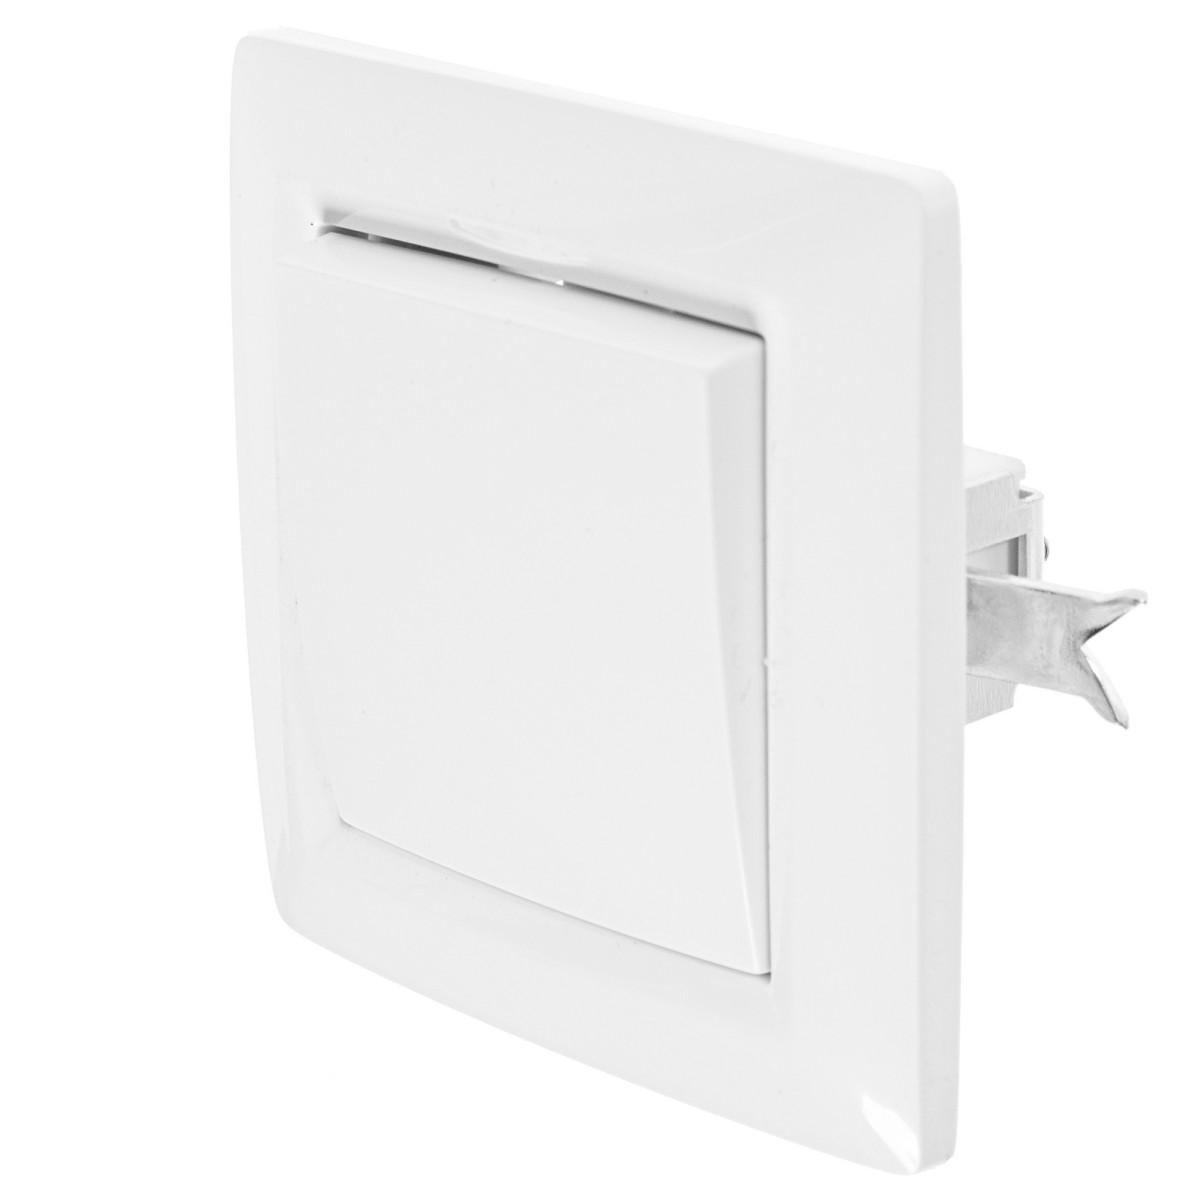 Выключатель встраиваемый Reone 1 клавиша цвет белый